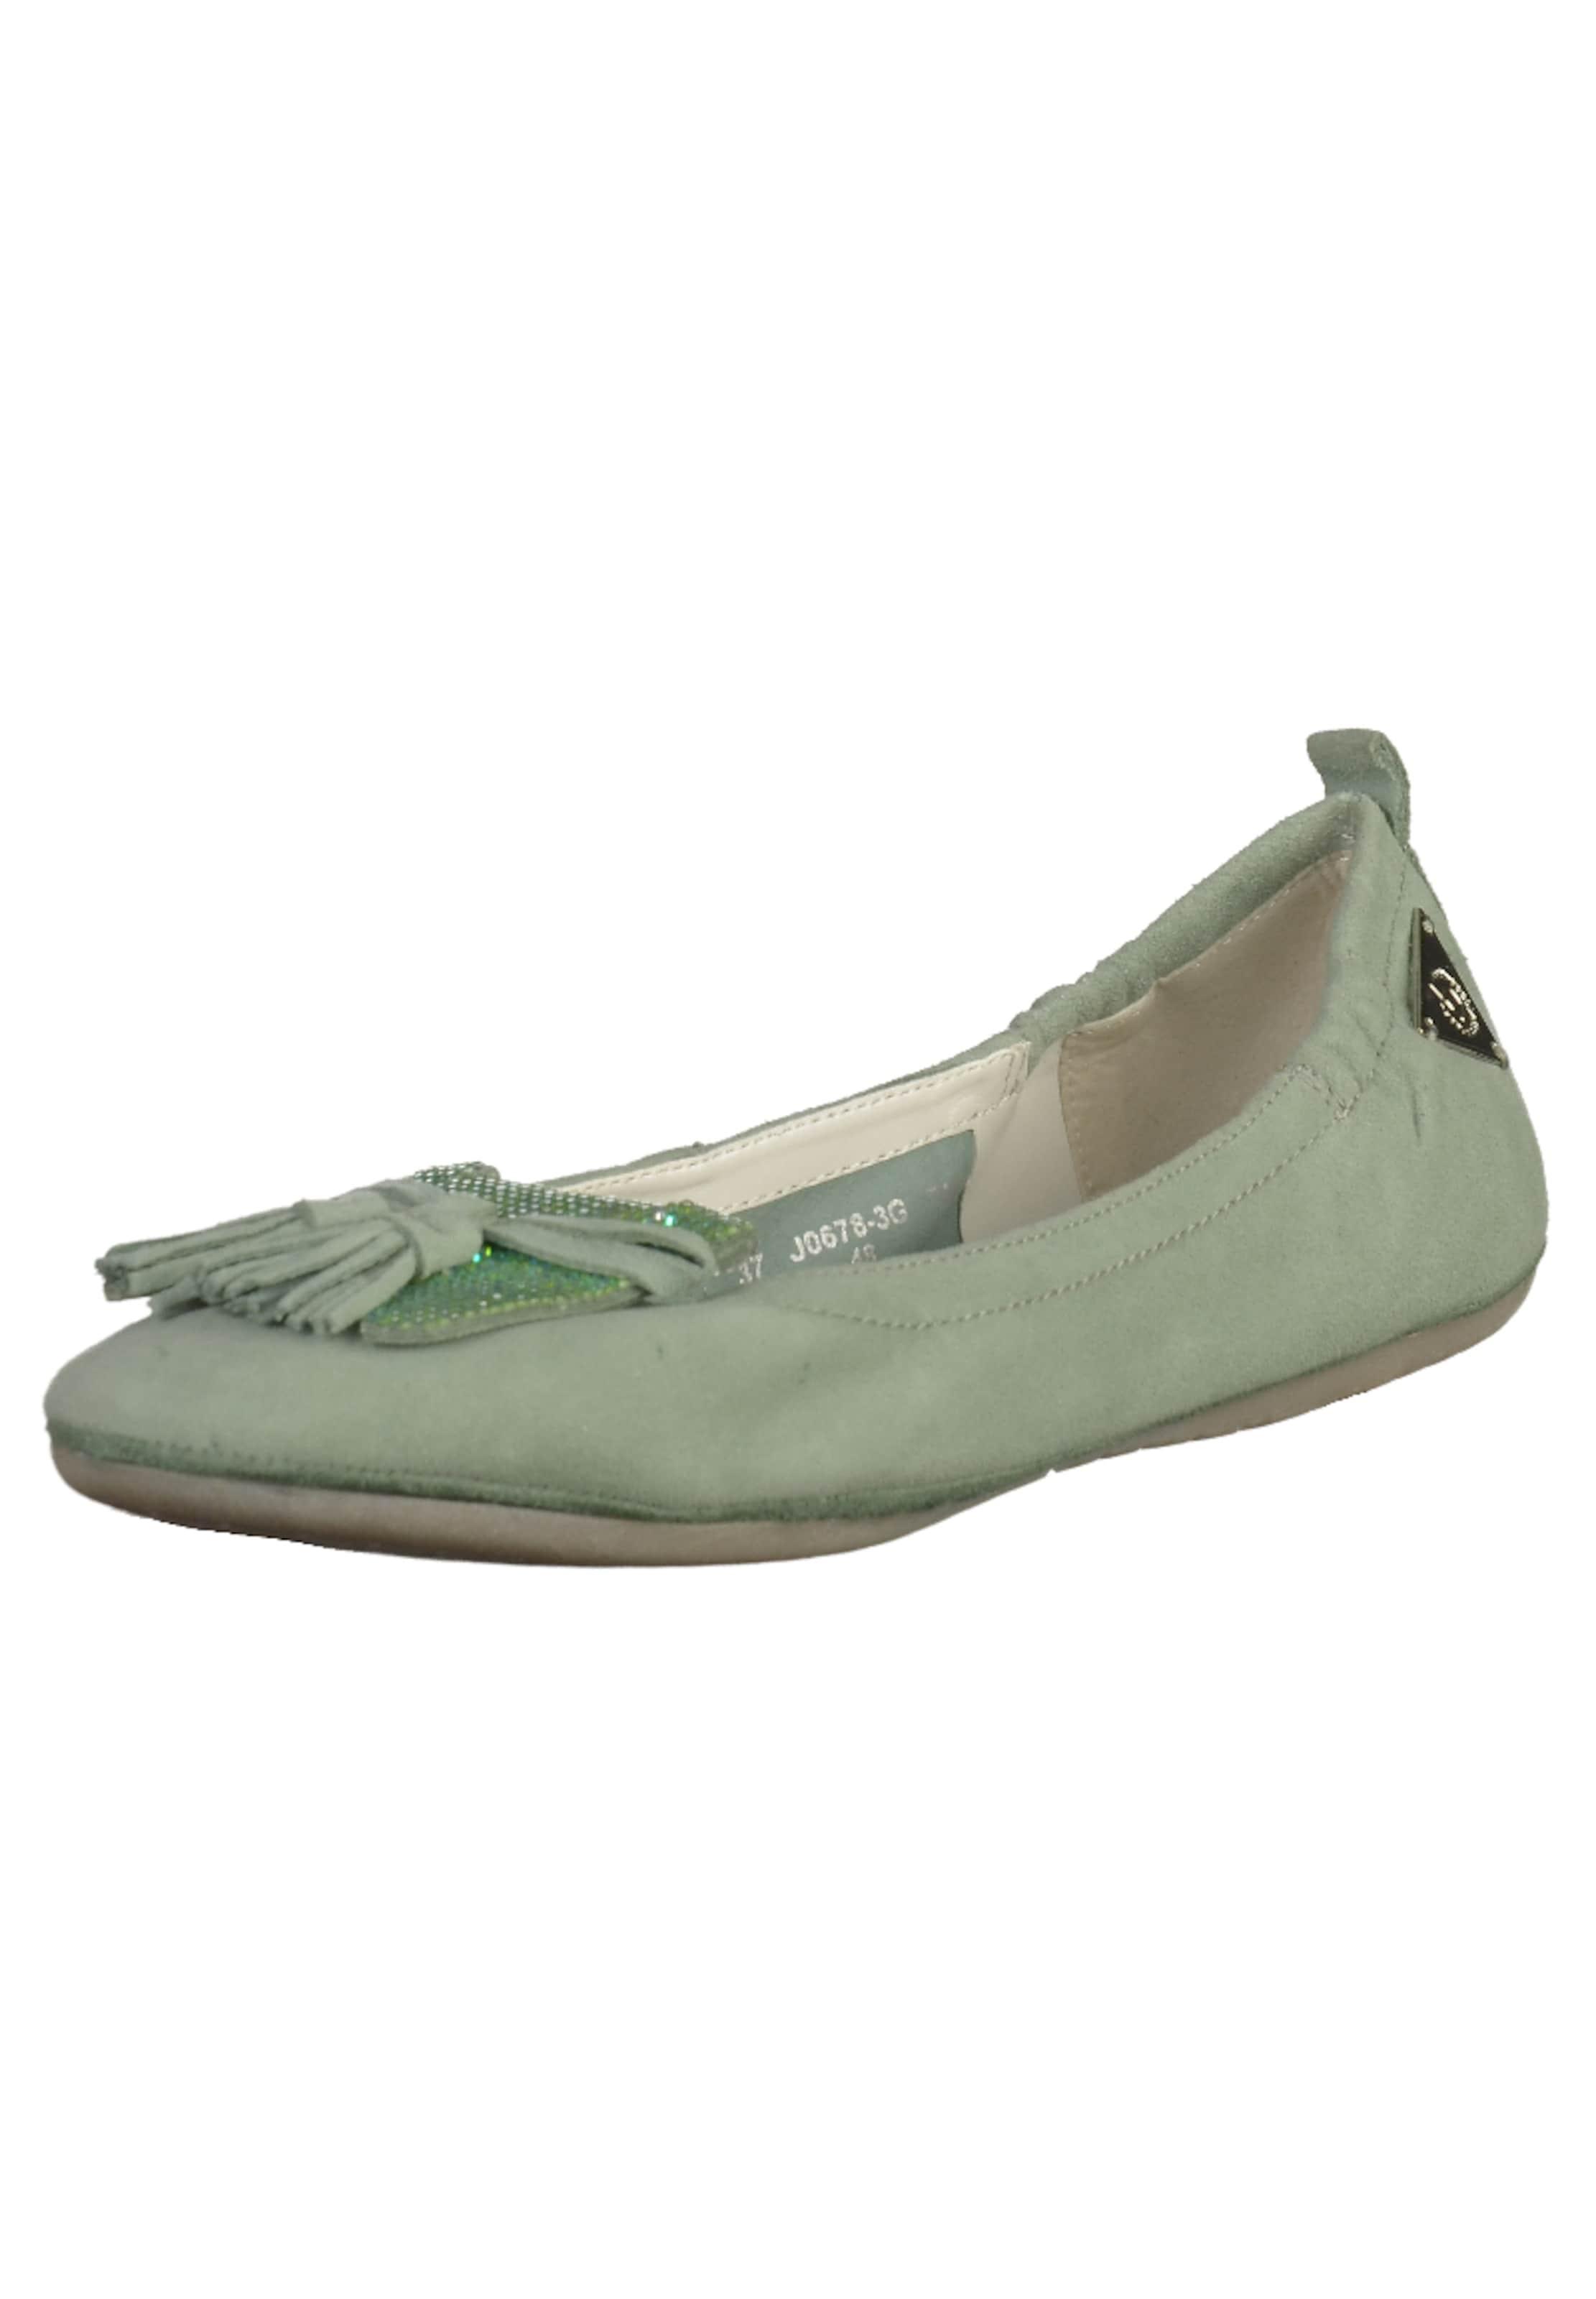 bugatti Ballerinas Verschleißfeste billige Schuhe Hohe Qualität